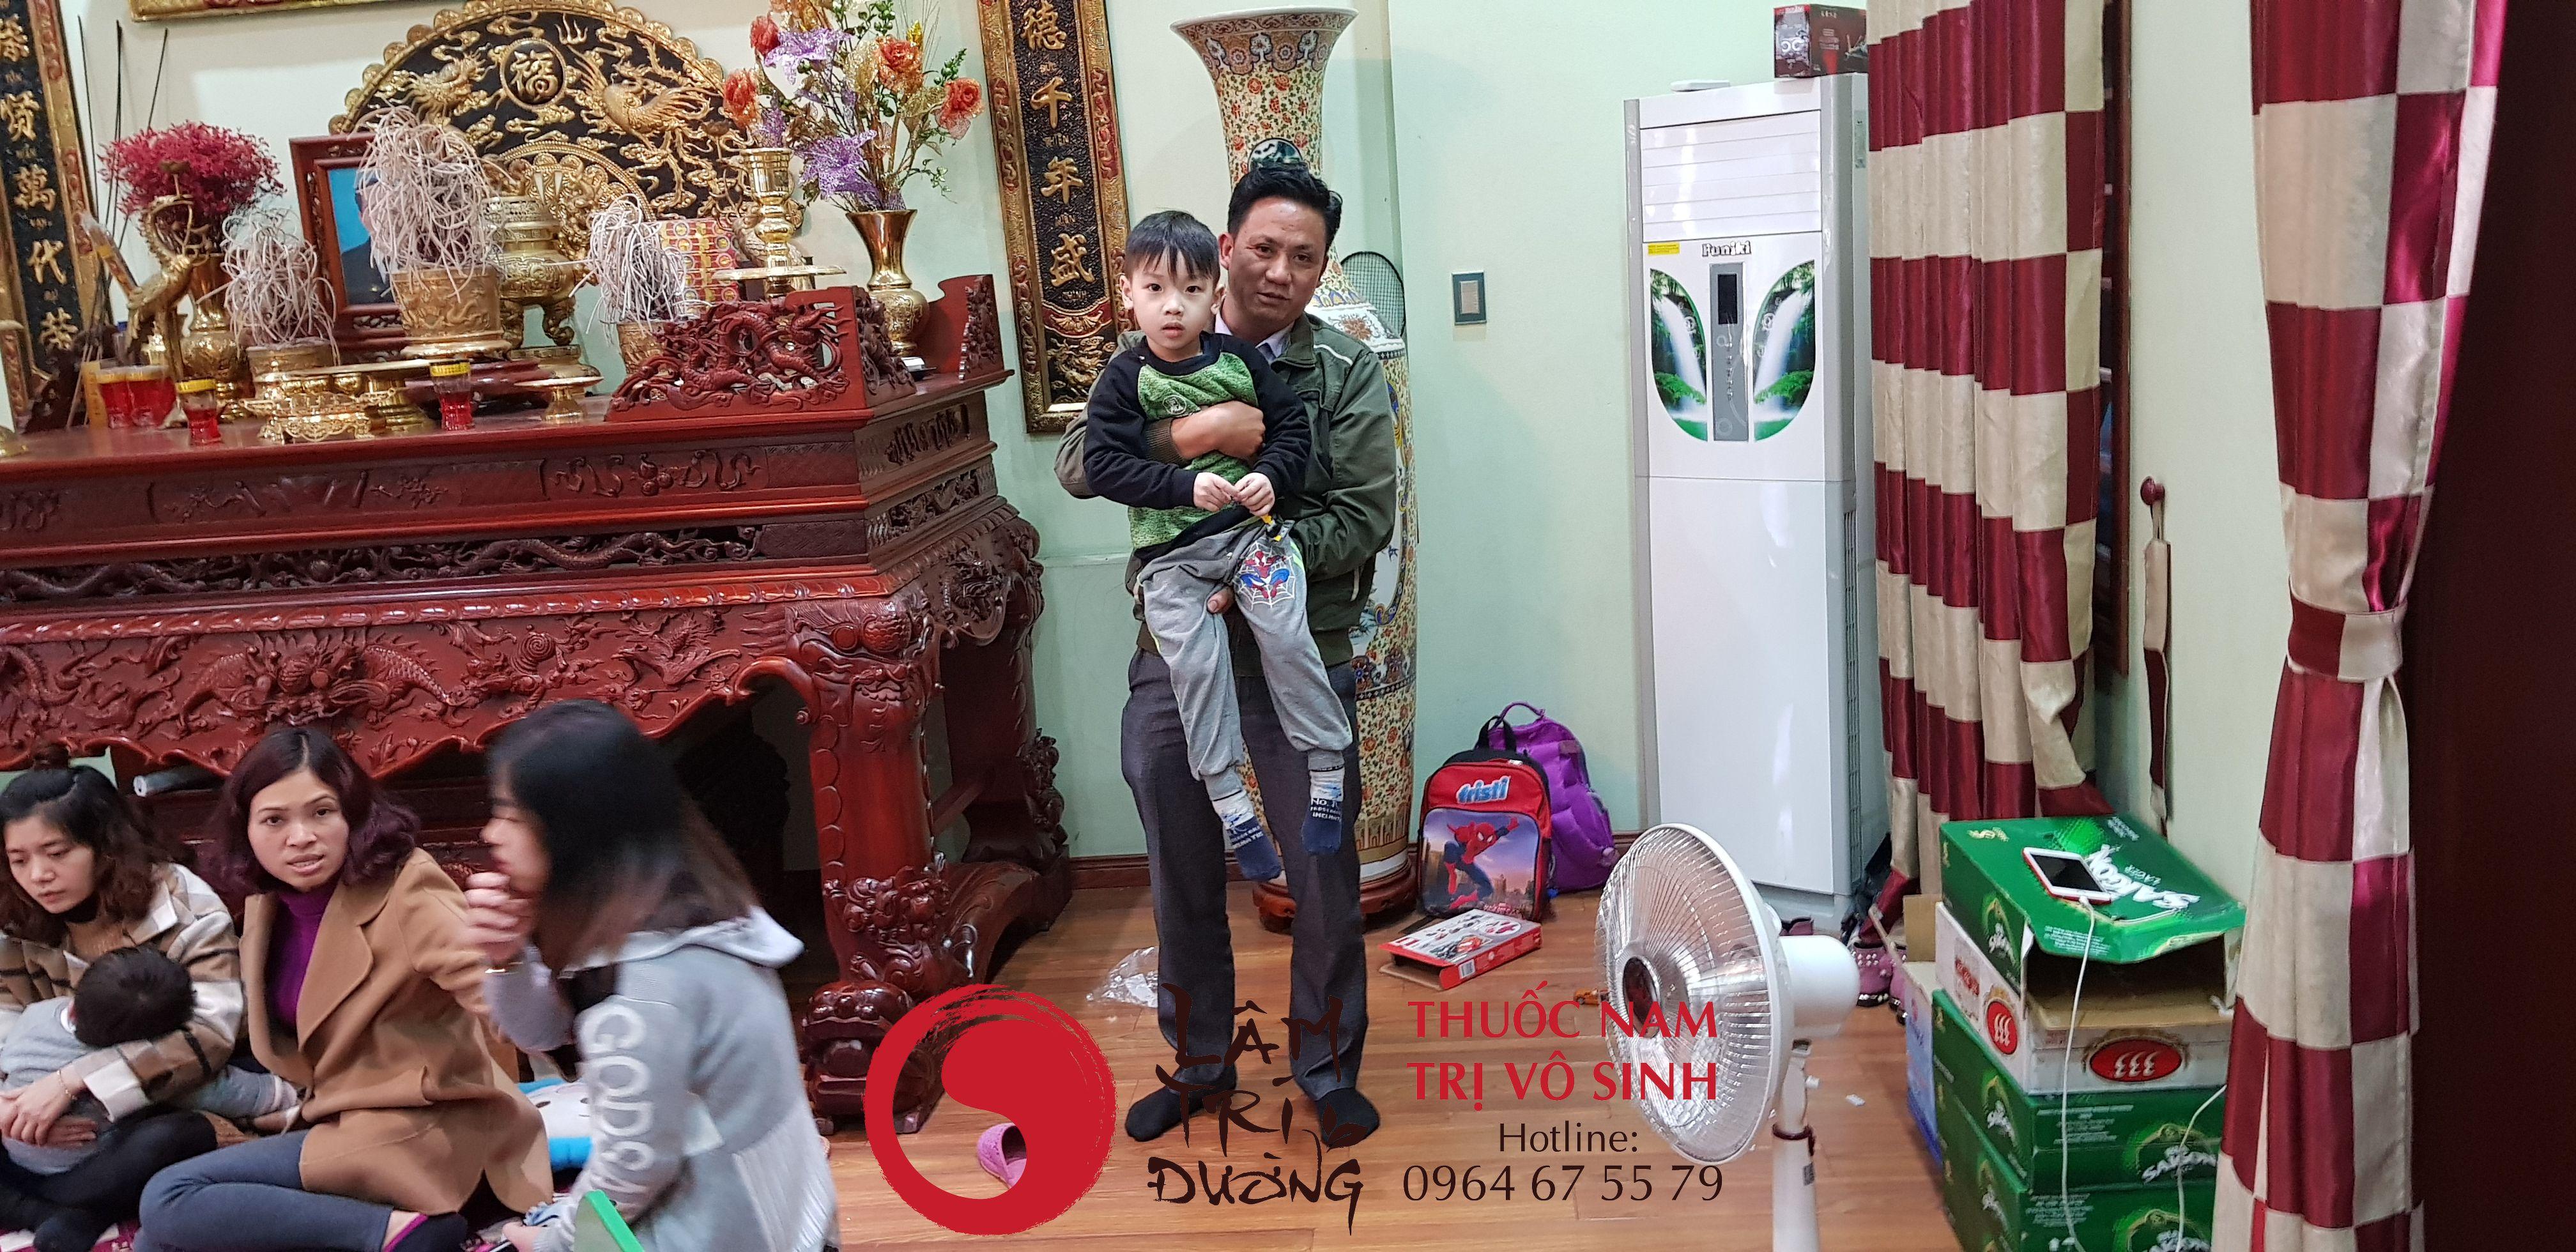 20180114 143823 result - Ý Nghĩa Tên Gọi Lâm Trí Đường